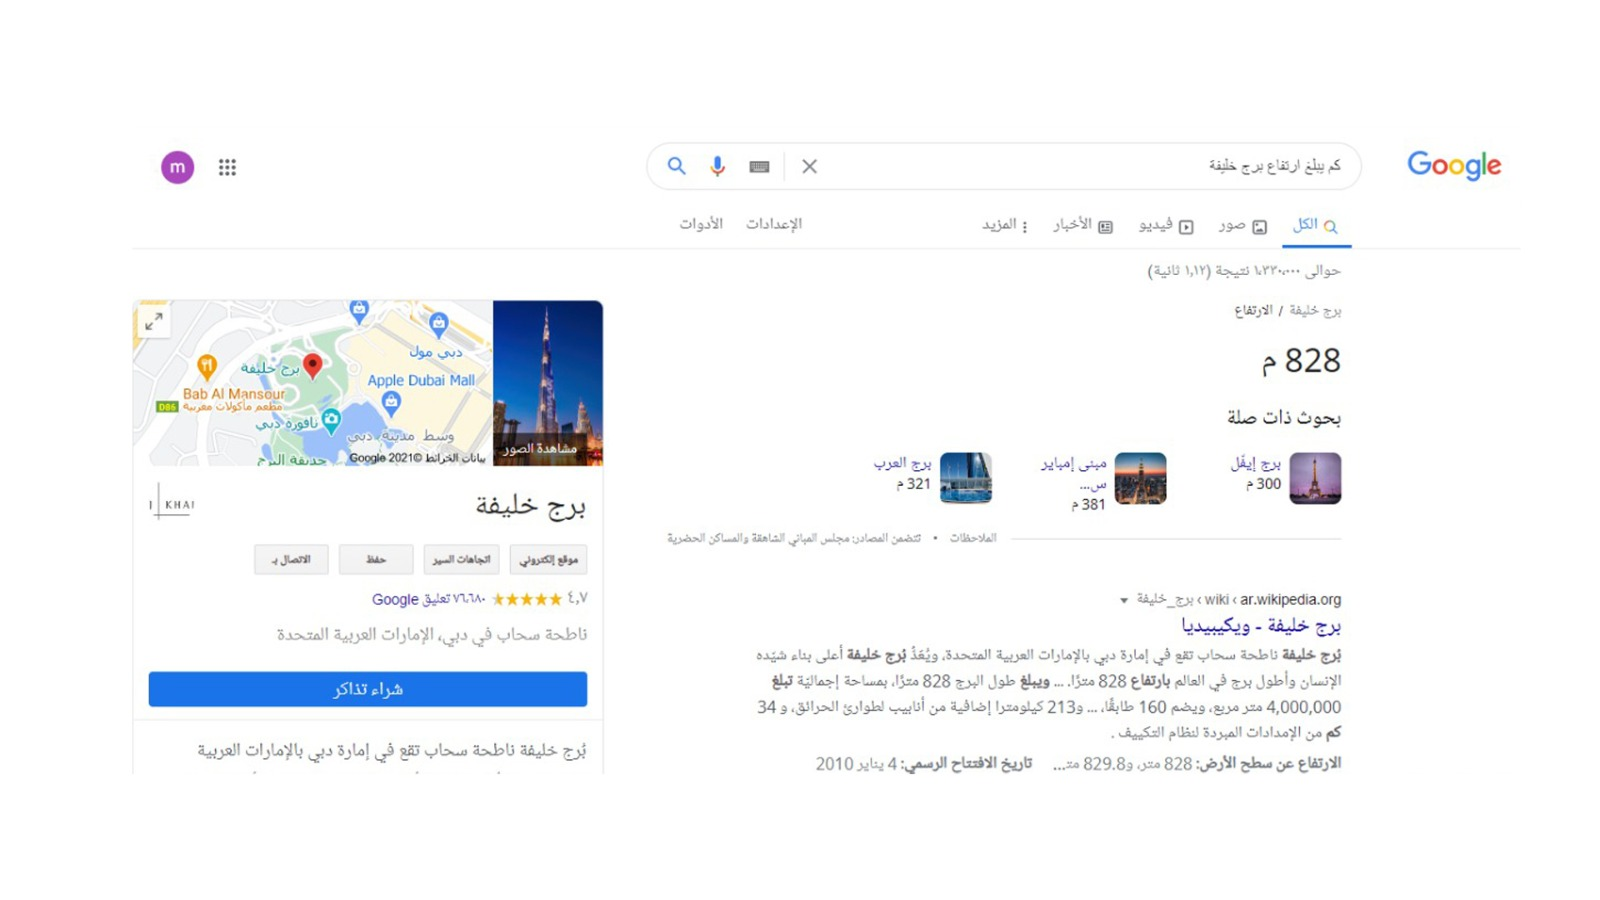 كم يبلغ ارتفاع برج خليفة